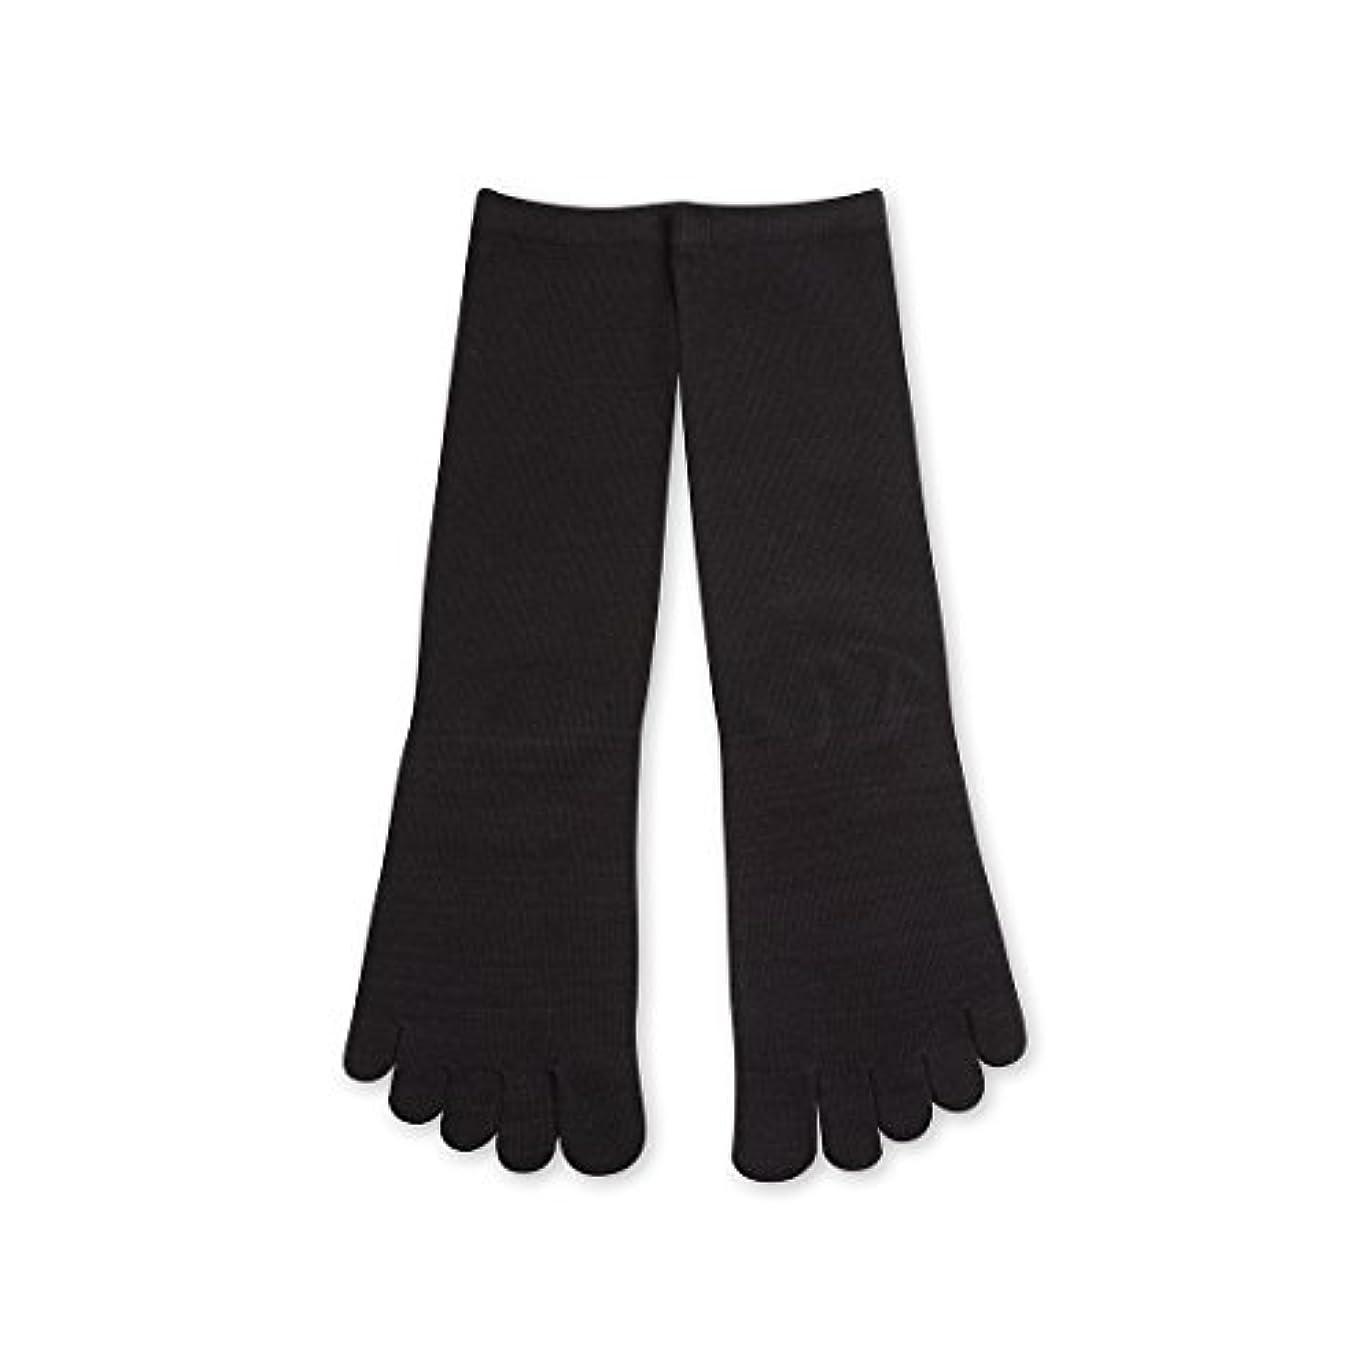 ウミウシ機密受付Deol(デオル) 5本指 ソックス 男性用 靴下 25~27cm 黒